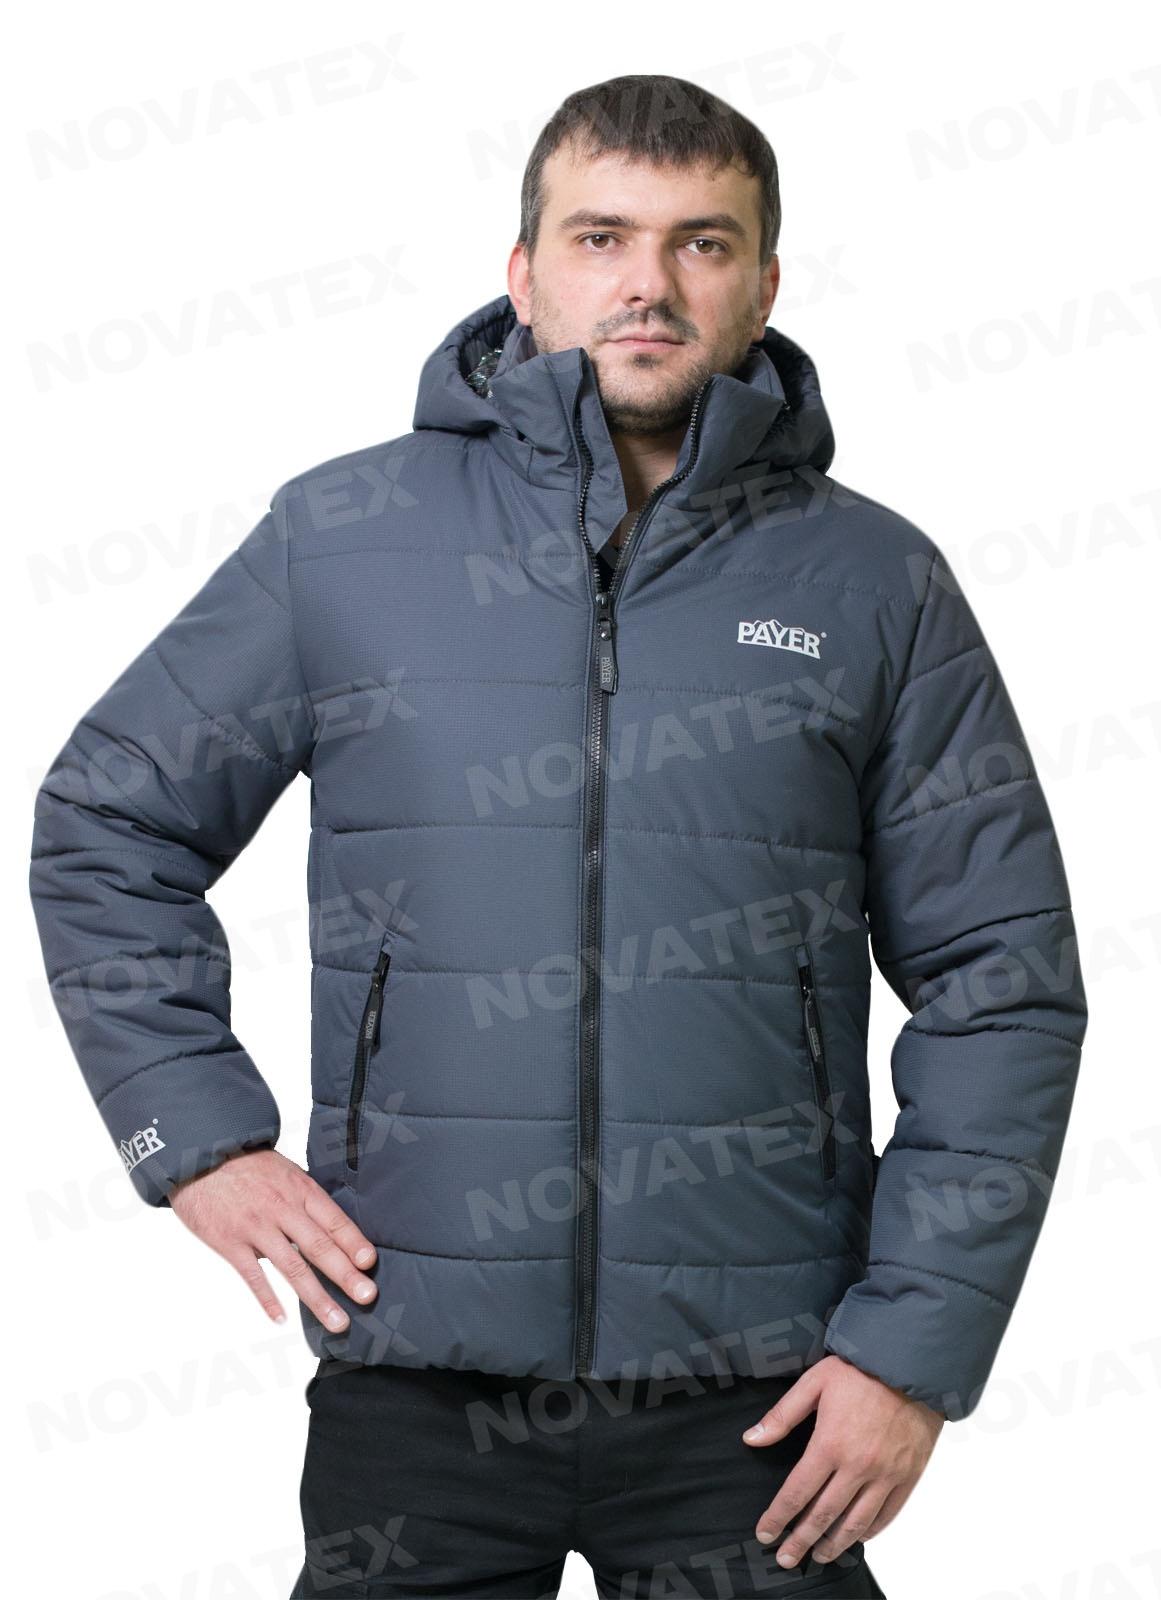 Куртка «Партизан NEW» (таслан, серый) (реверс) Куртки утепленные<br>Зимняя куртка «Партизан» (ТМ «Payer») от компании <br>Novatex это еще один представитель универсальной <br>линейки костюмов, которые подойдут как <br>для города, так и для природы. Эта куртка <br>из современной мембранной ткани «Таслан» <br>с отличной водо-ветрозащитой, обладает <br>хорошей паропроводимостью. (5000/5000). Надежный <br>слой утеплителя «Термотекс» и фольгированная <br>подкладка обеспечивают сохранение тепла <br>и создают надежную защиту от холода.<br><br>Пол: мужской<br>Размер: 44-46<br>Рост: 170-176<br>Сезон: зима<br>Цвет: синий